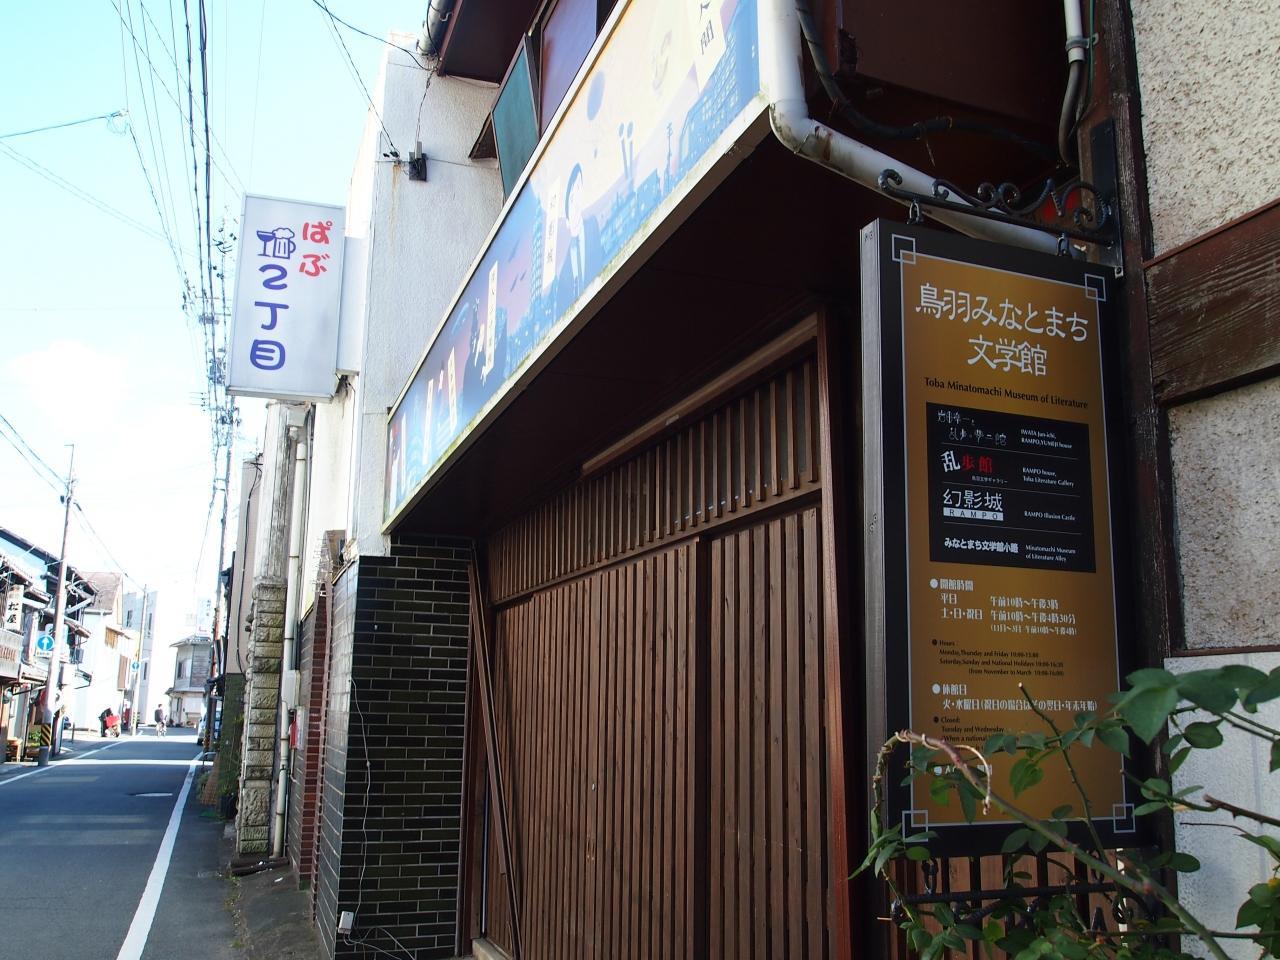 岩田準一の画像 p1_35